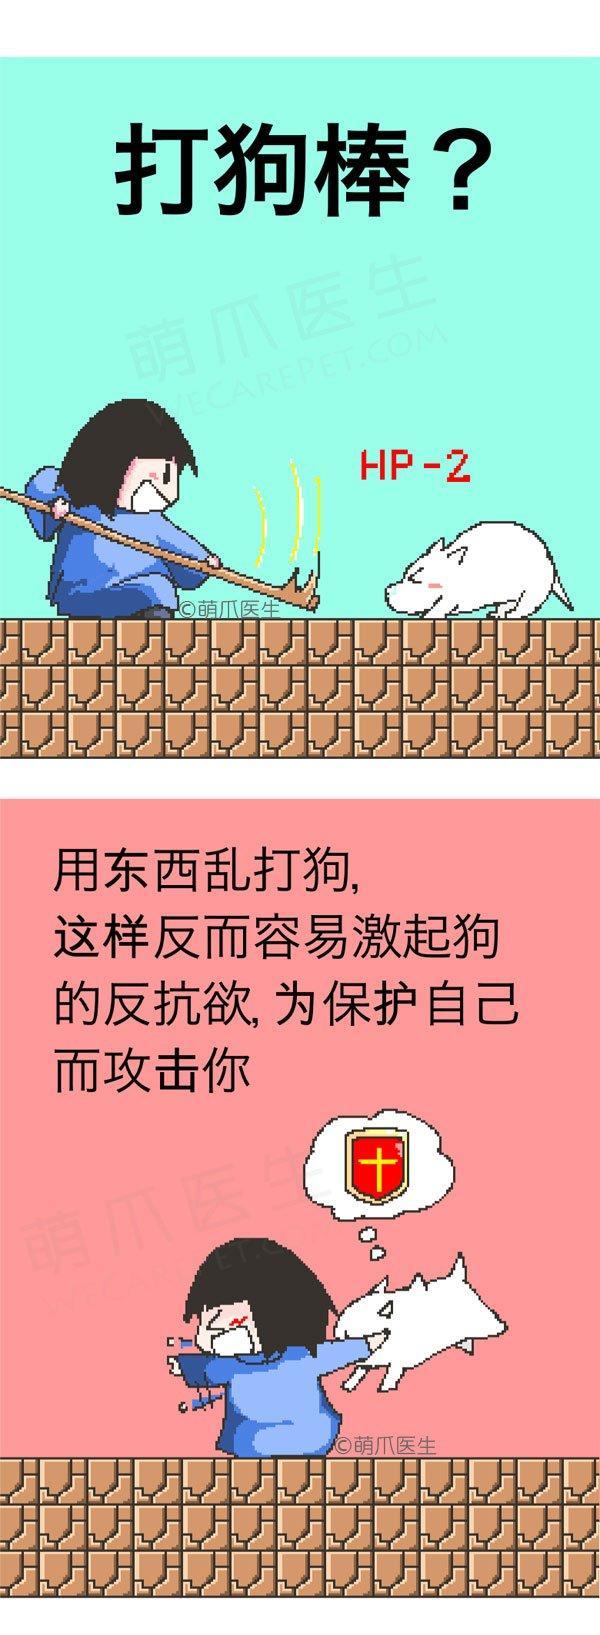 漫画 | 遭遇狗狗攻击,你该怎么办?!